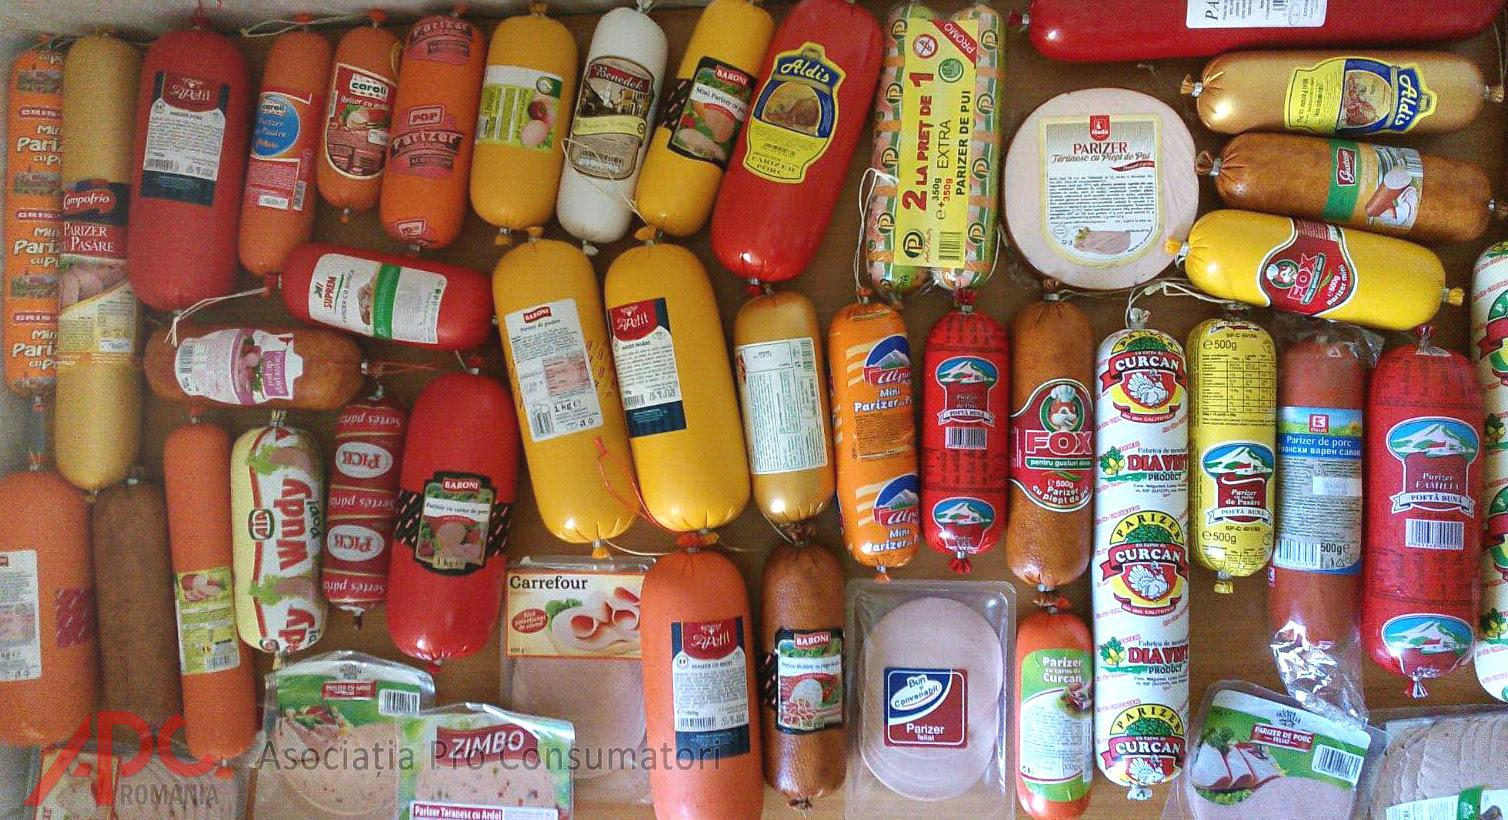 Jumătate din parizerul de pe piață conţine piele de pasăre, emulsie din şorici, zgârciuri, cartilagii şi până la 19 aditivi!